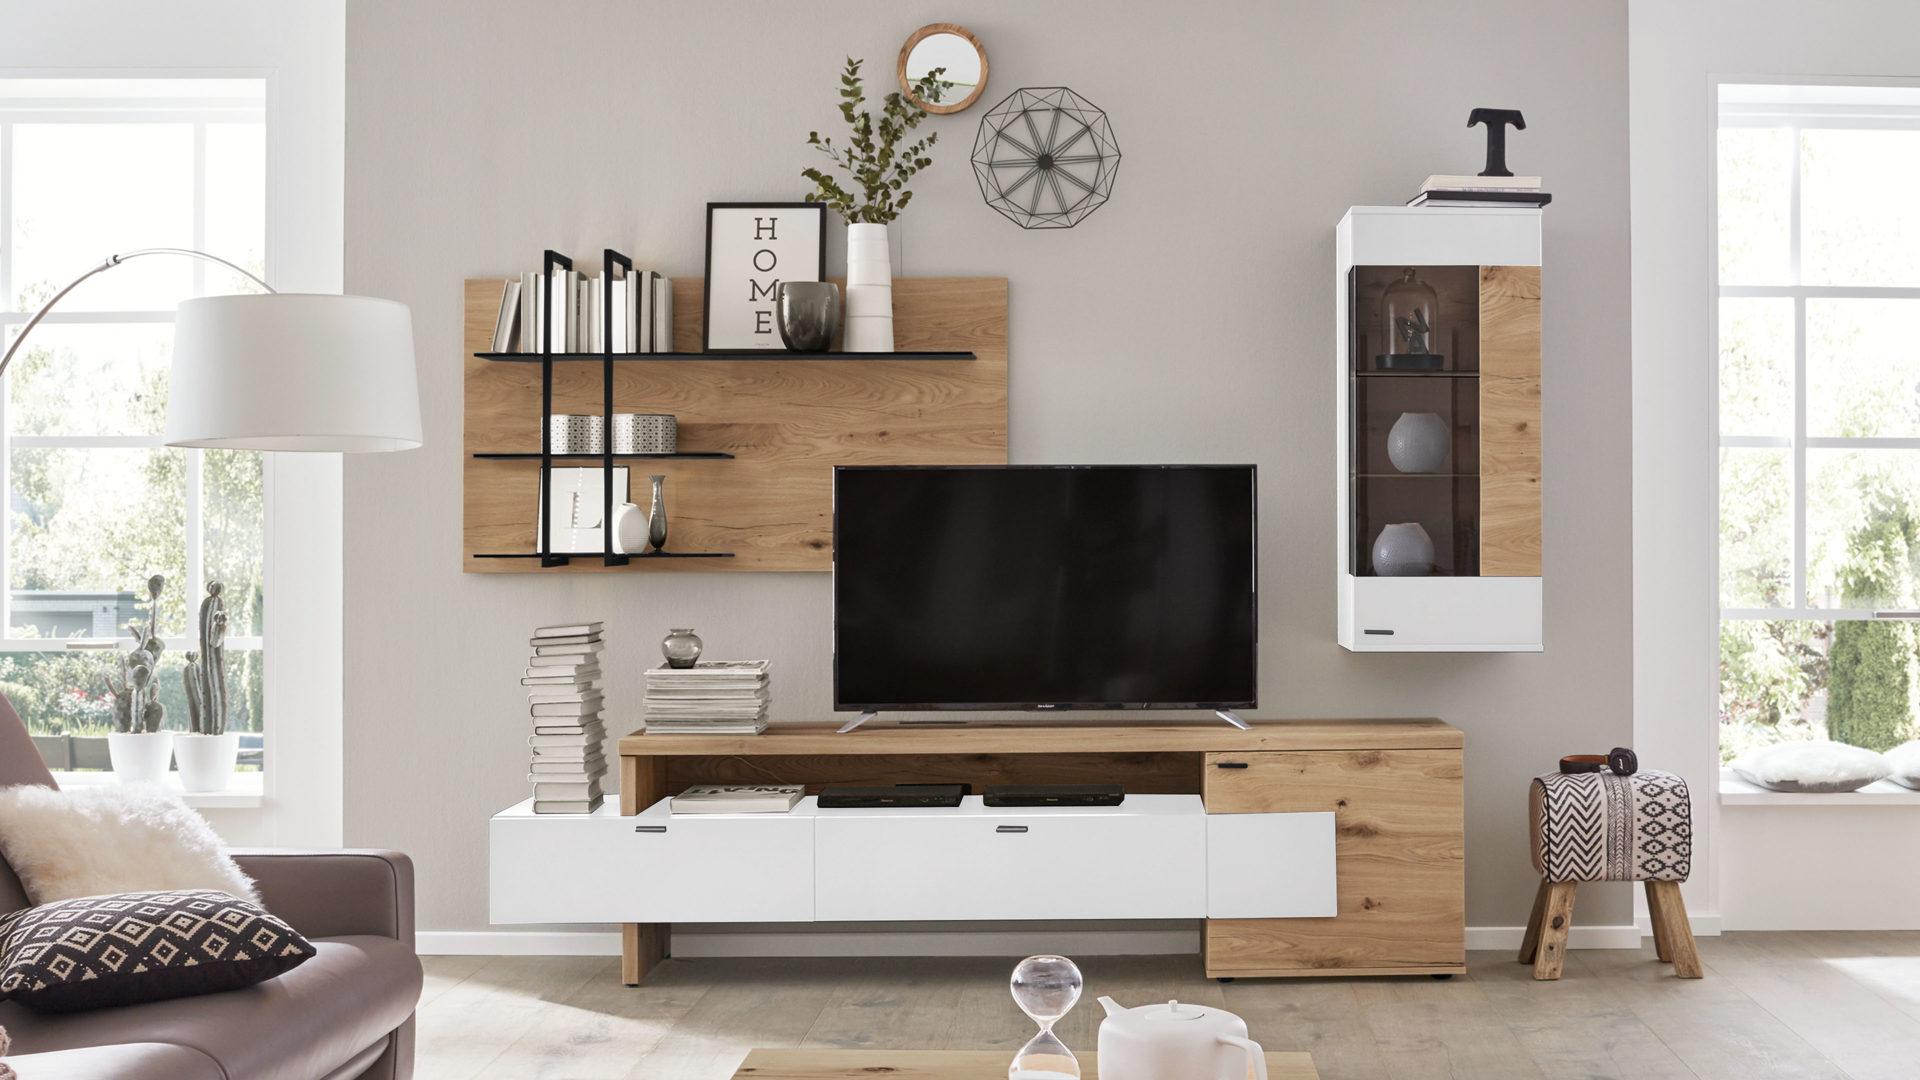 Interliving Wohnzimmer Serie 2104 – Wohnkombination, weiße Lackoberflächen  & Balkeneiche – dreiteilig, ca. 276 cm